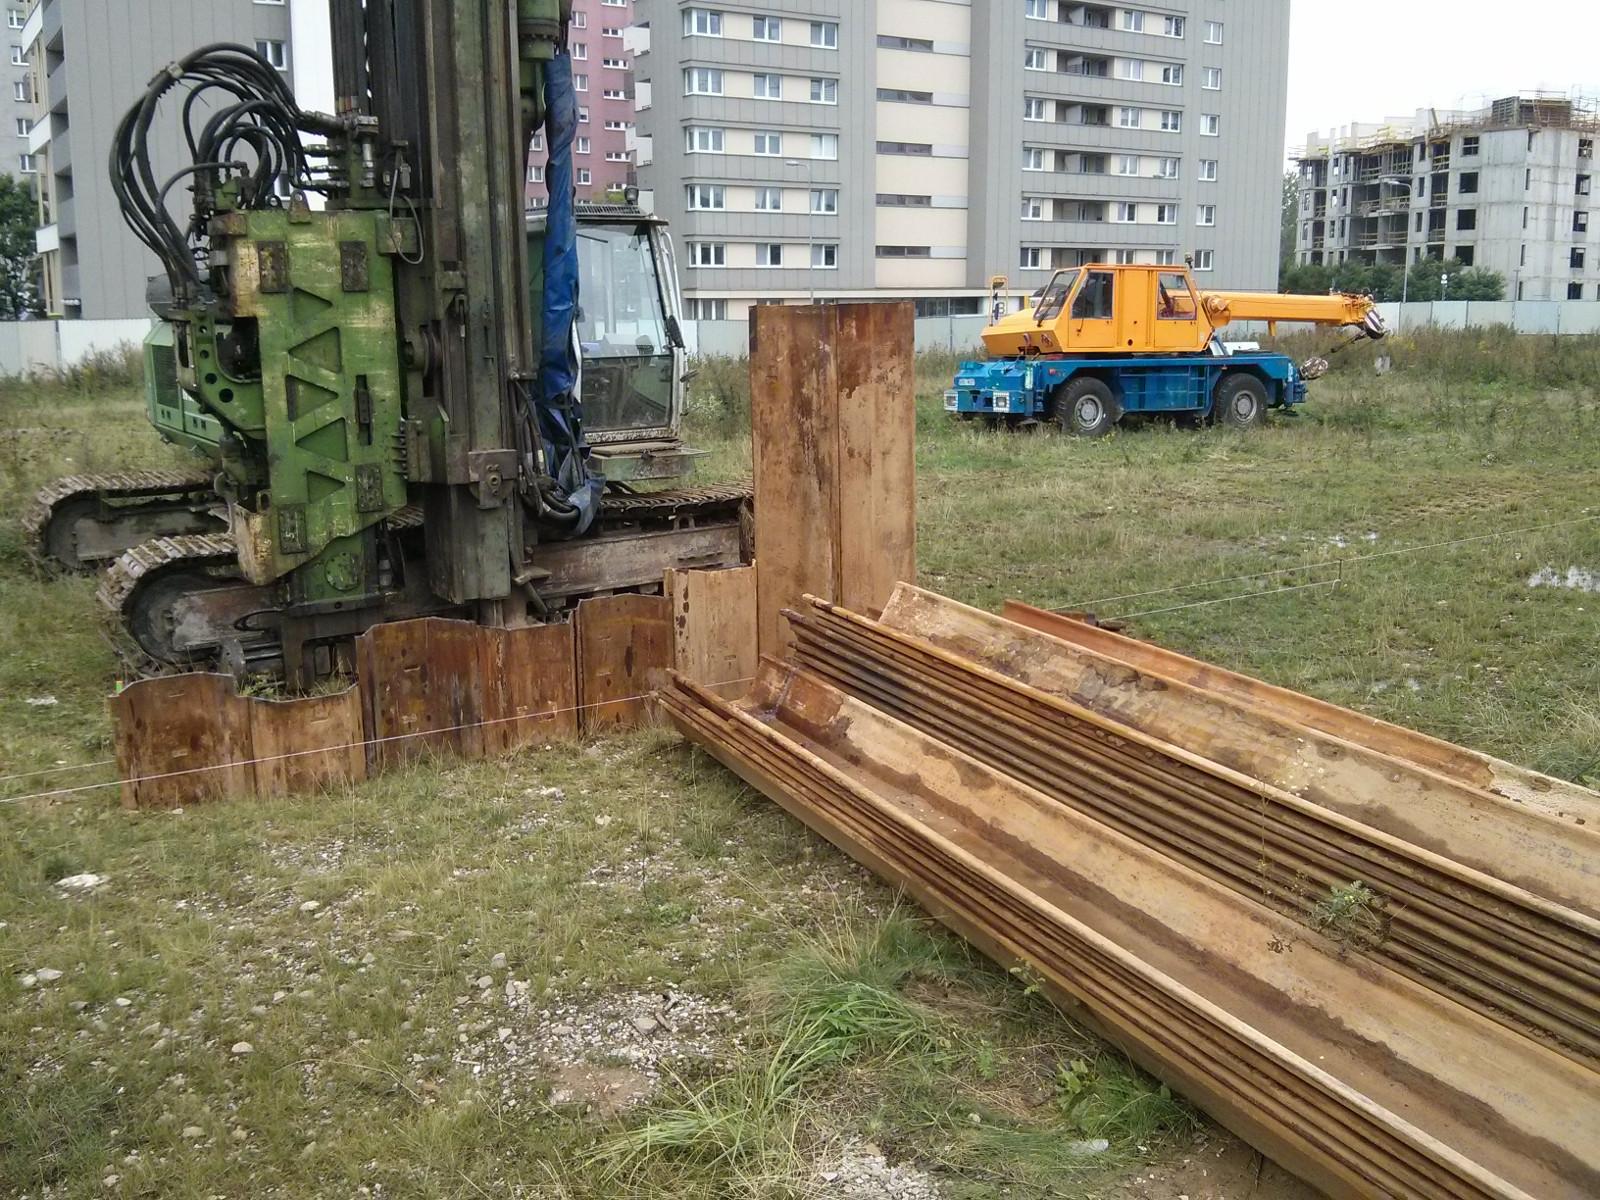 Nowe mieszkania w Krakowie Czyżynach Avia 7 - rusza budowa bloku